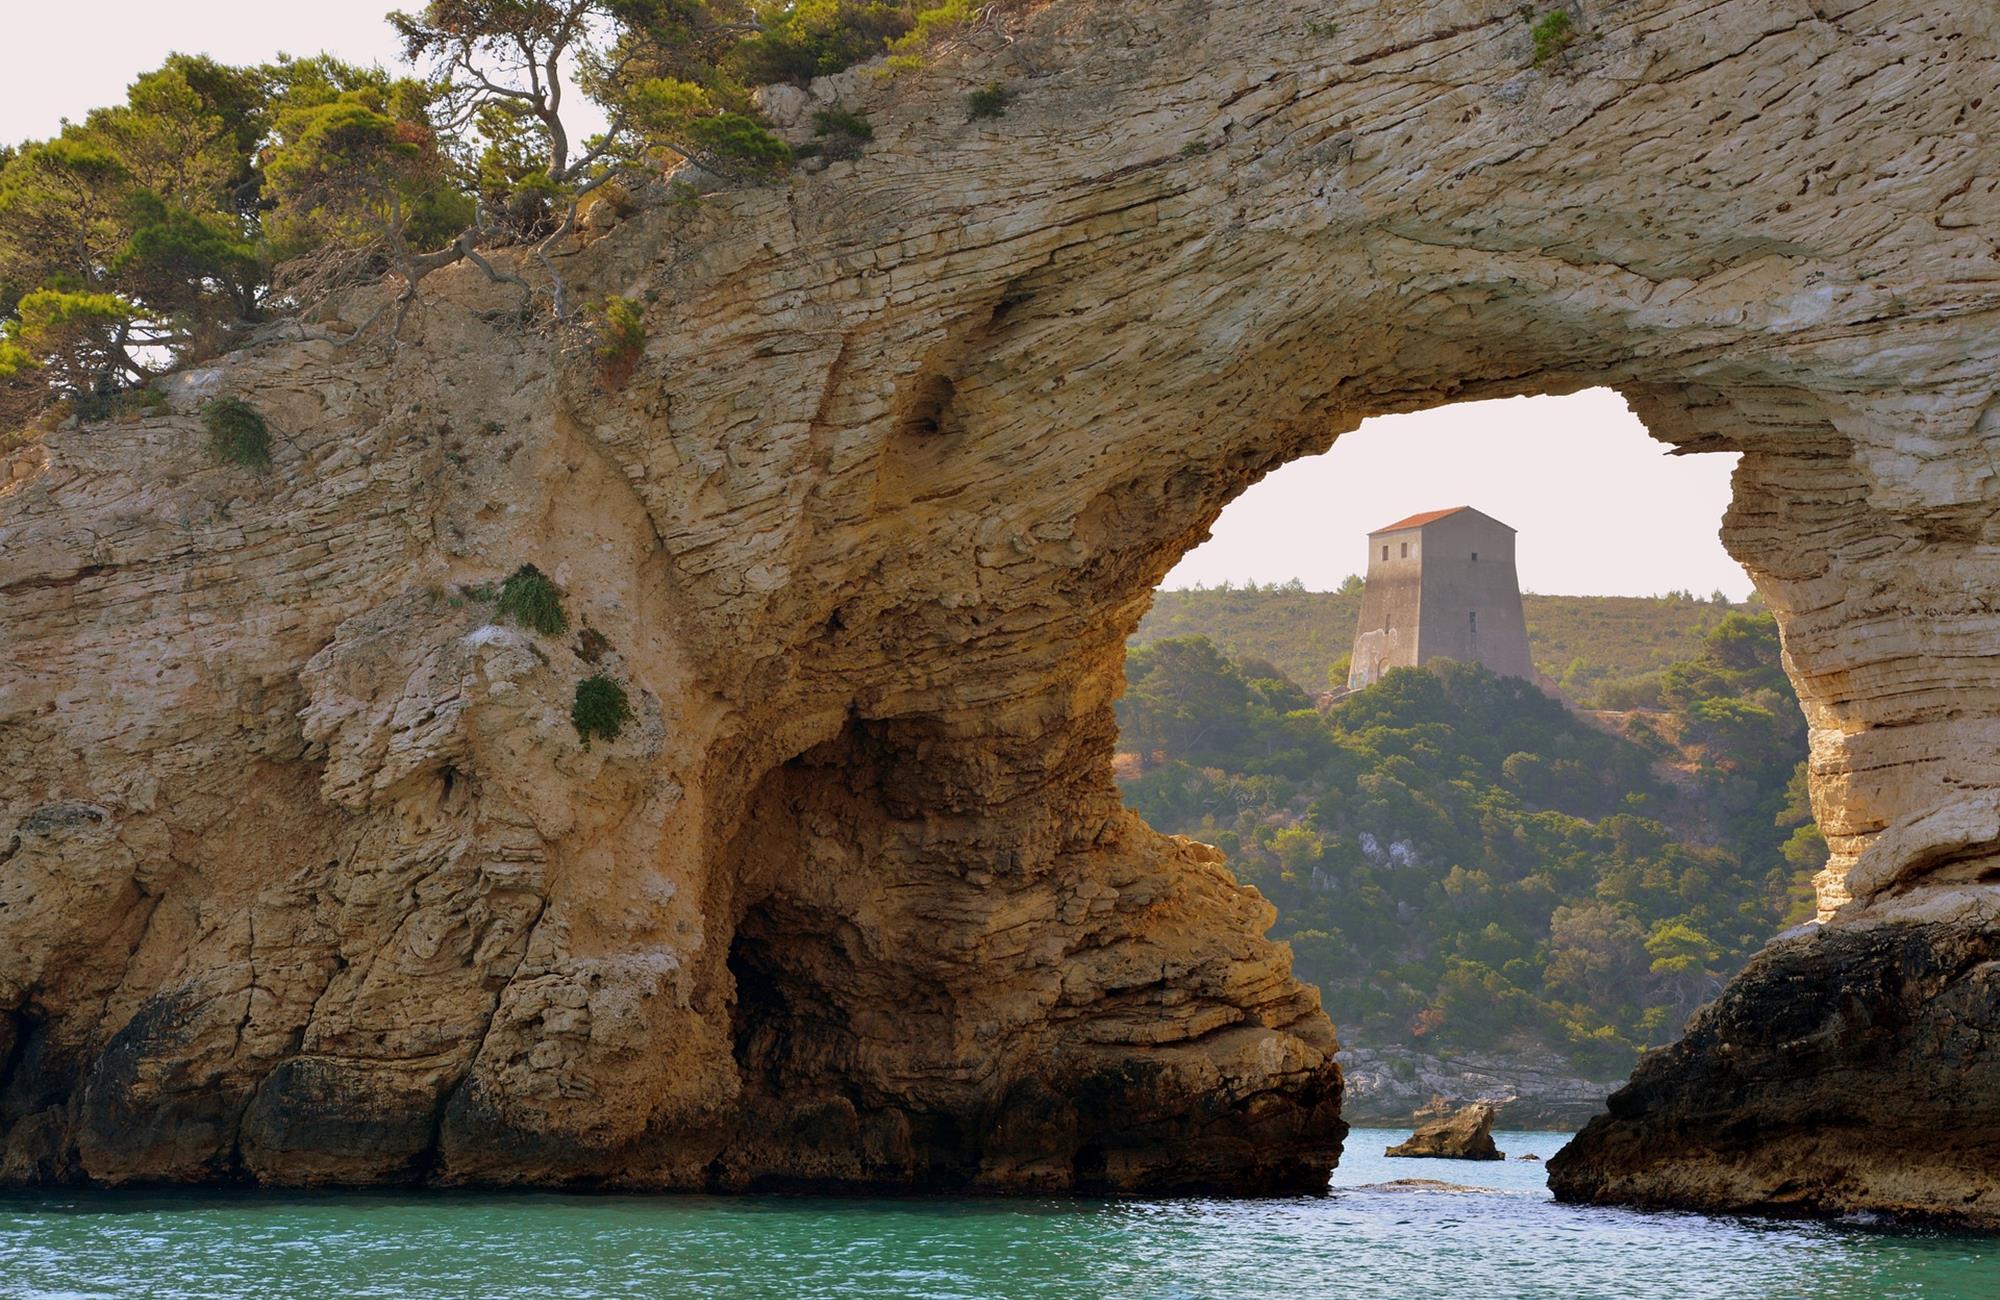 Voyage en Italie - Parc du Gargano - Amplitudes